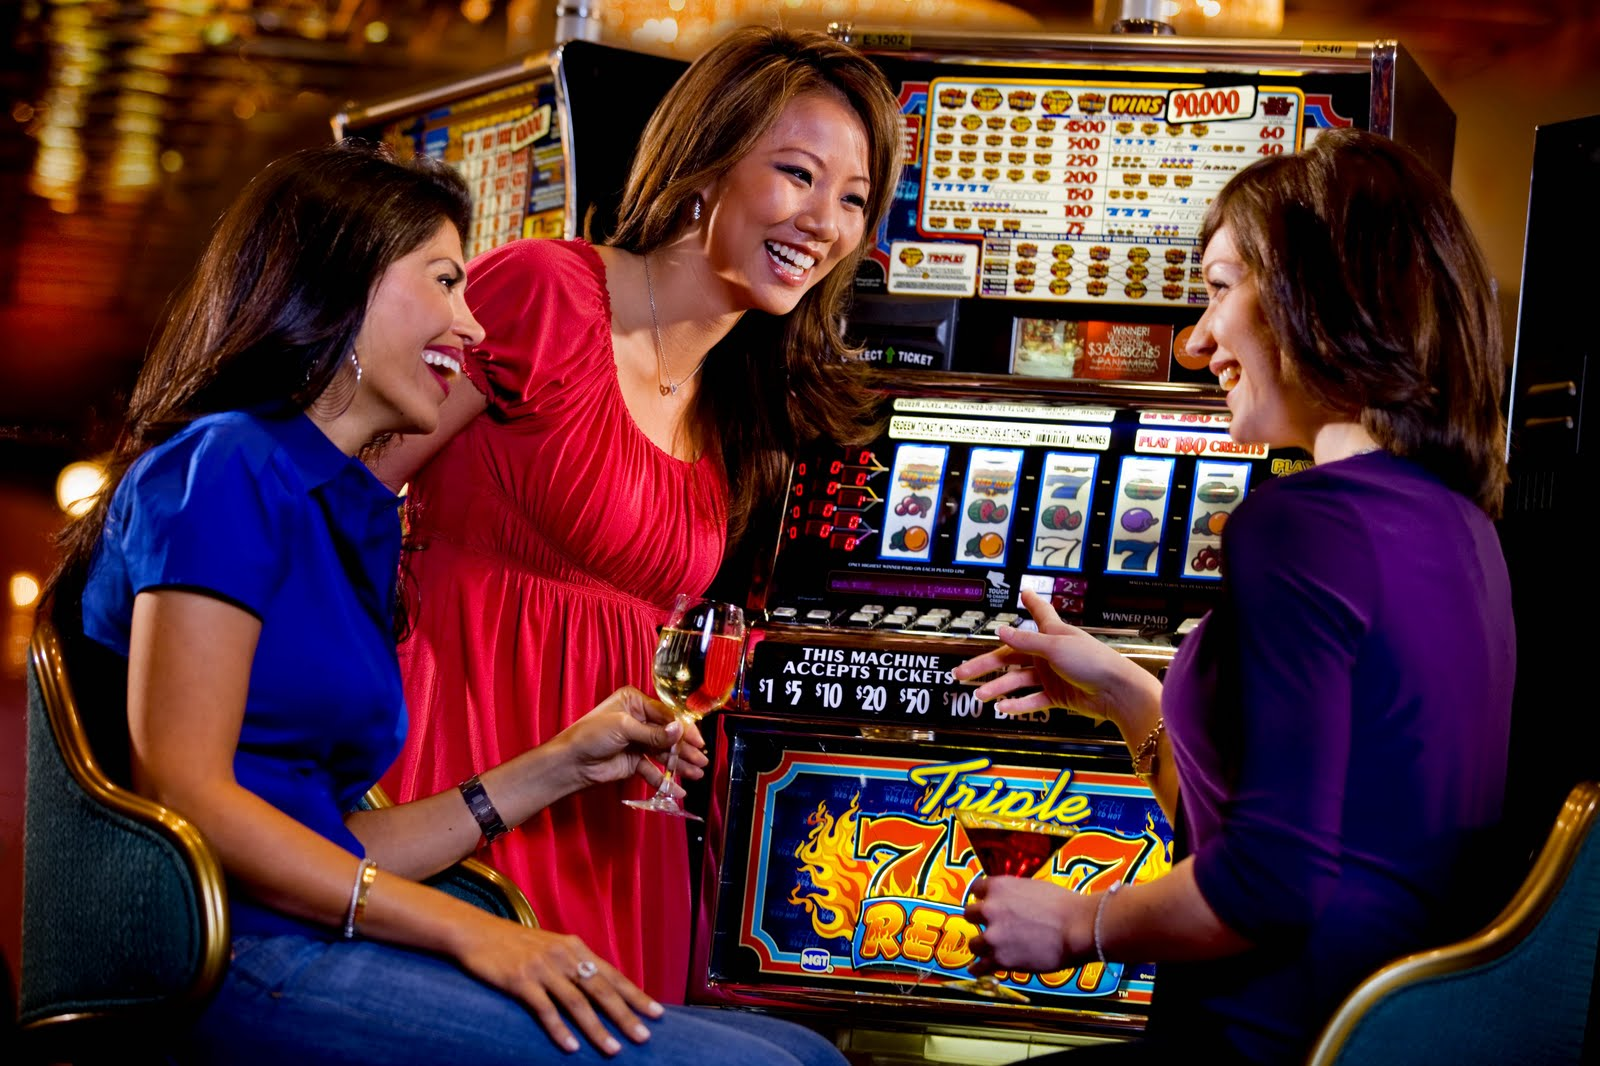 смотреть ограбление казино онлайн фильмы бесплатно hd